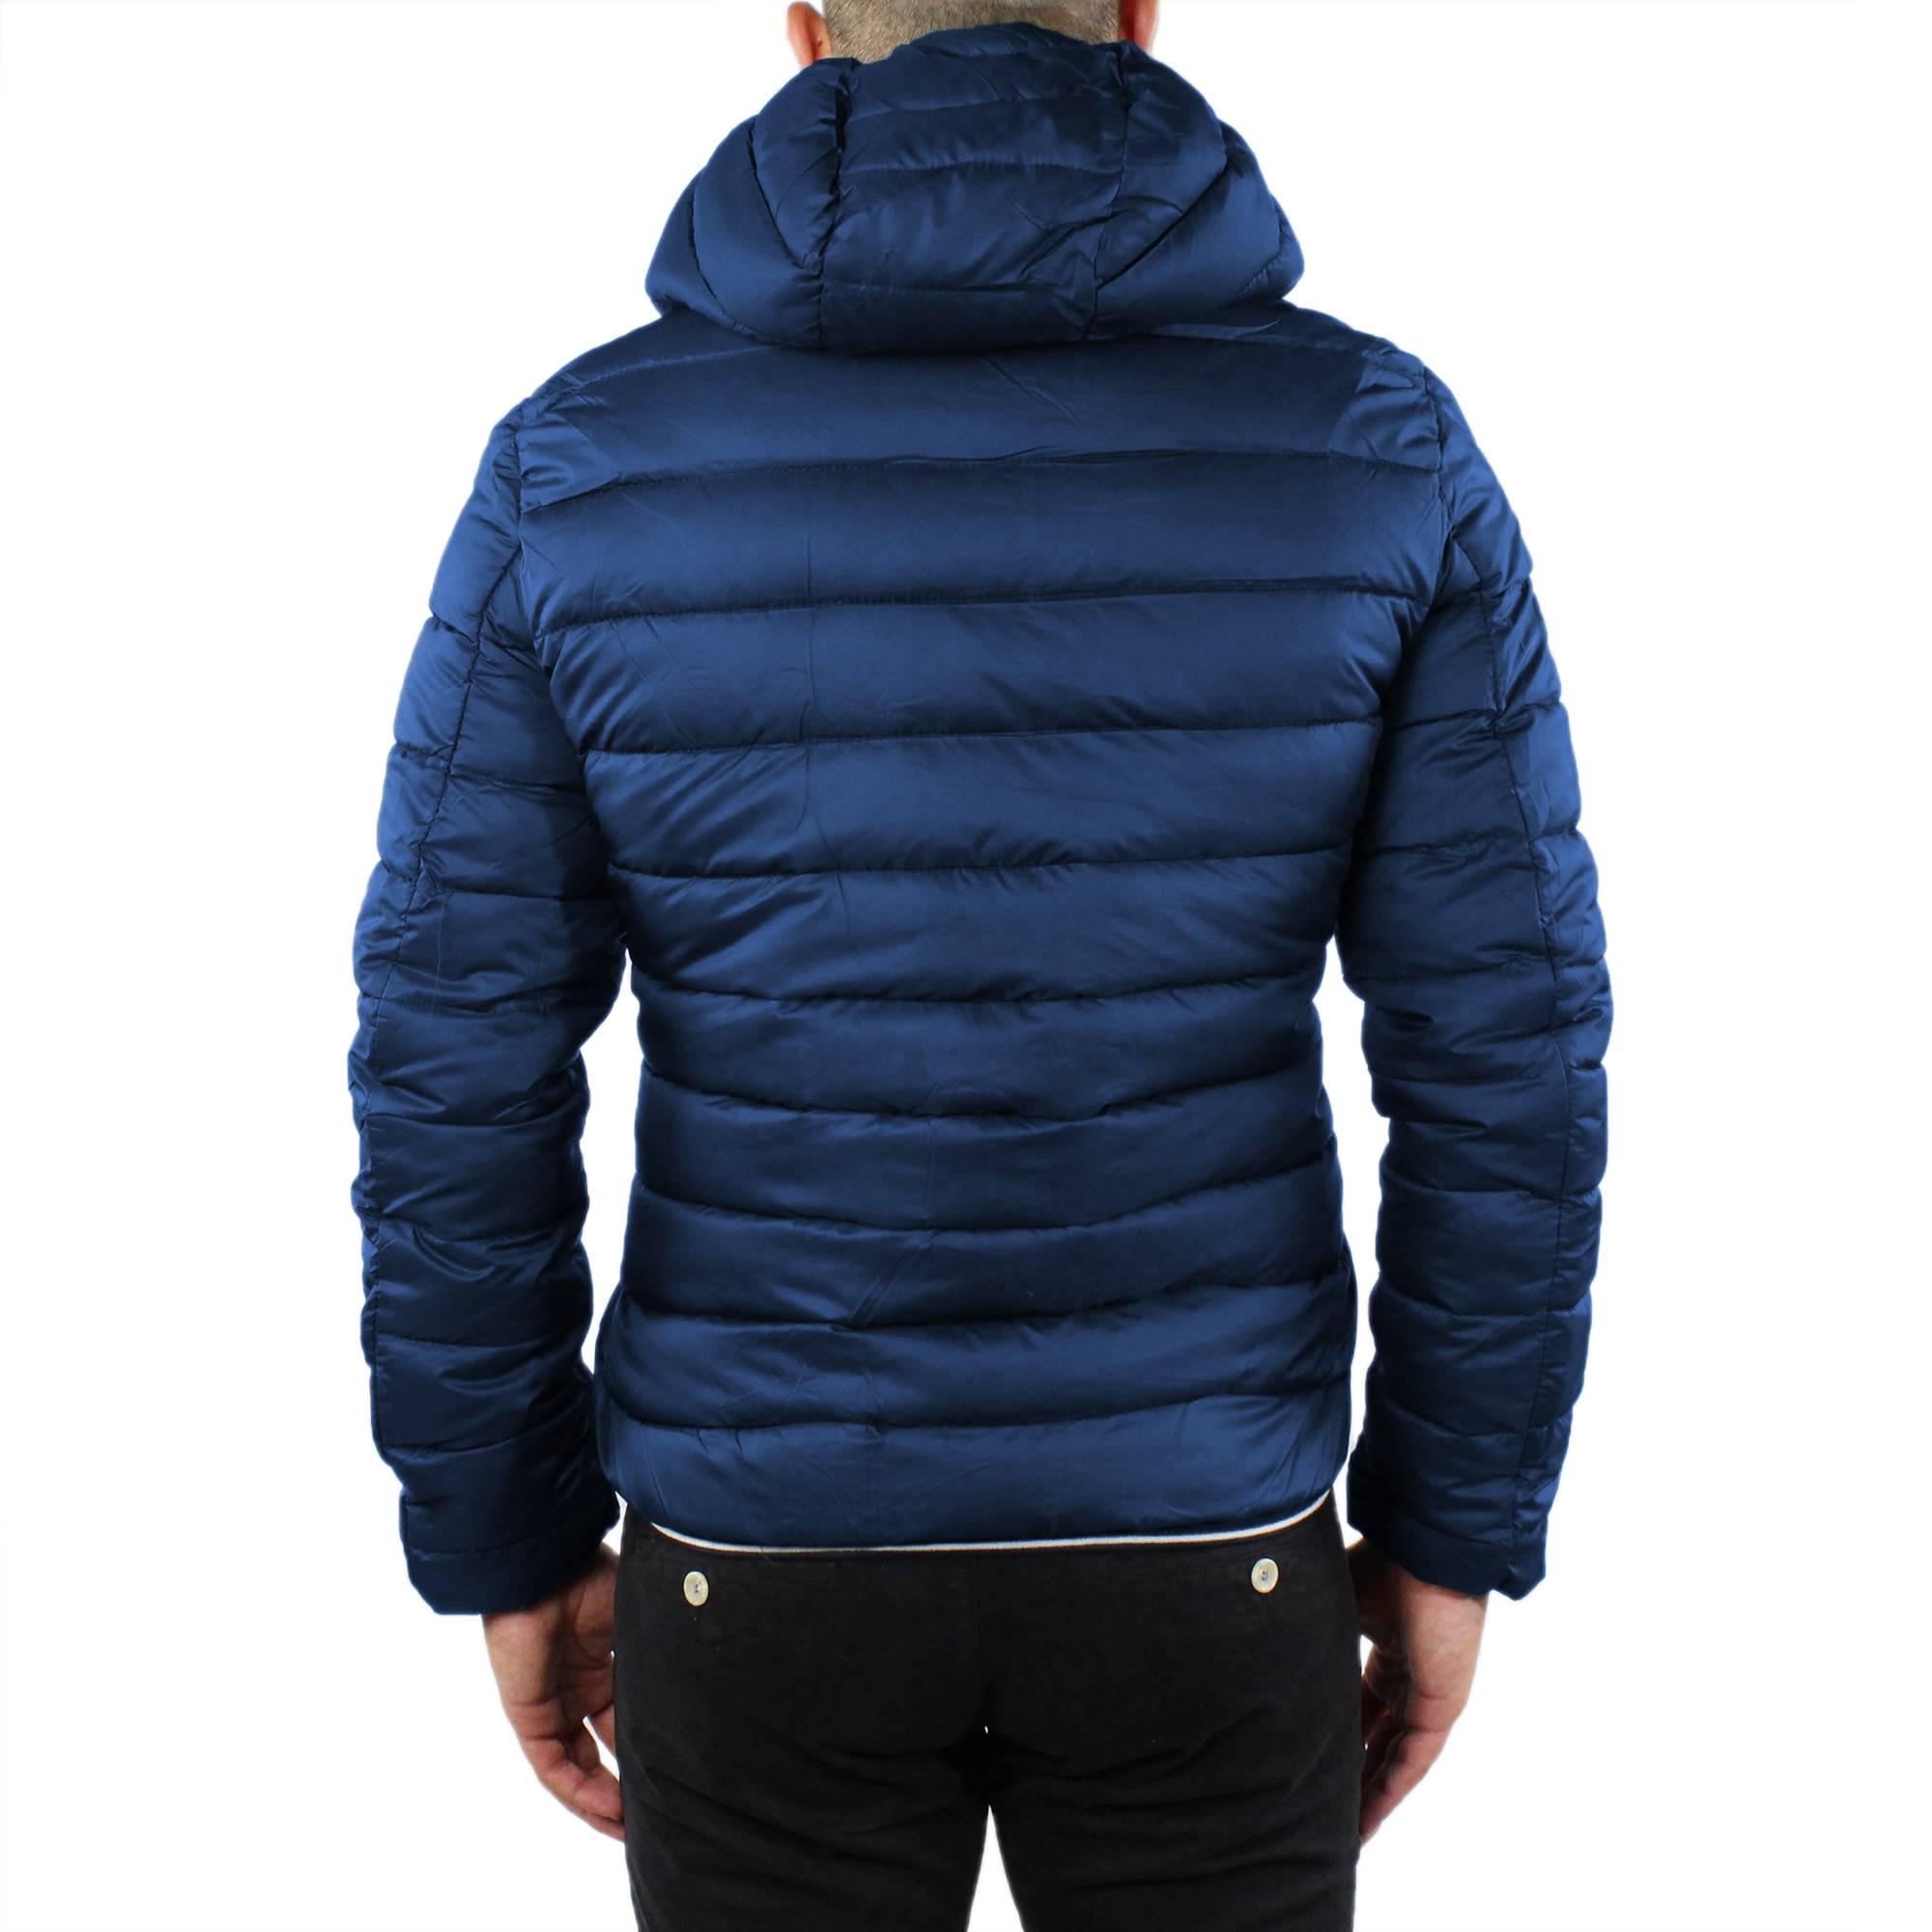 Giubbotto-Uomo-Invernale-Slim-Fit-Giubbino-Piumino-Con-Cappuccio-Blu-Nero-Casual miniatura 13